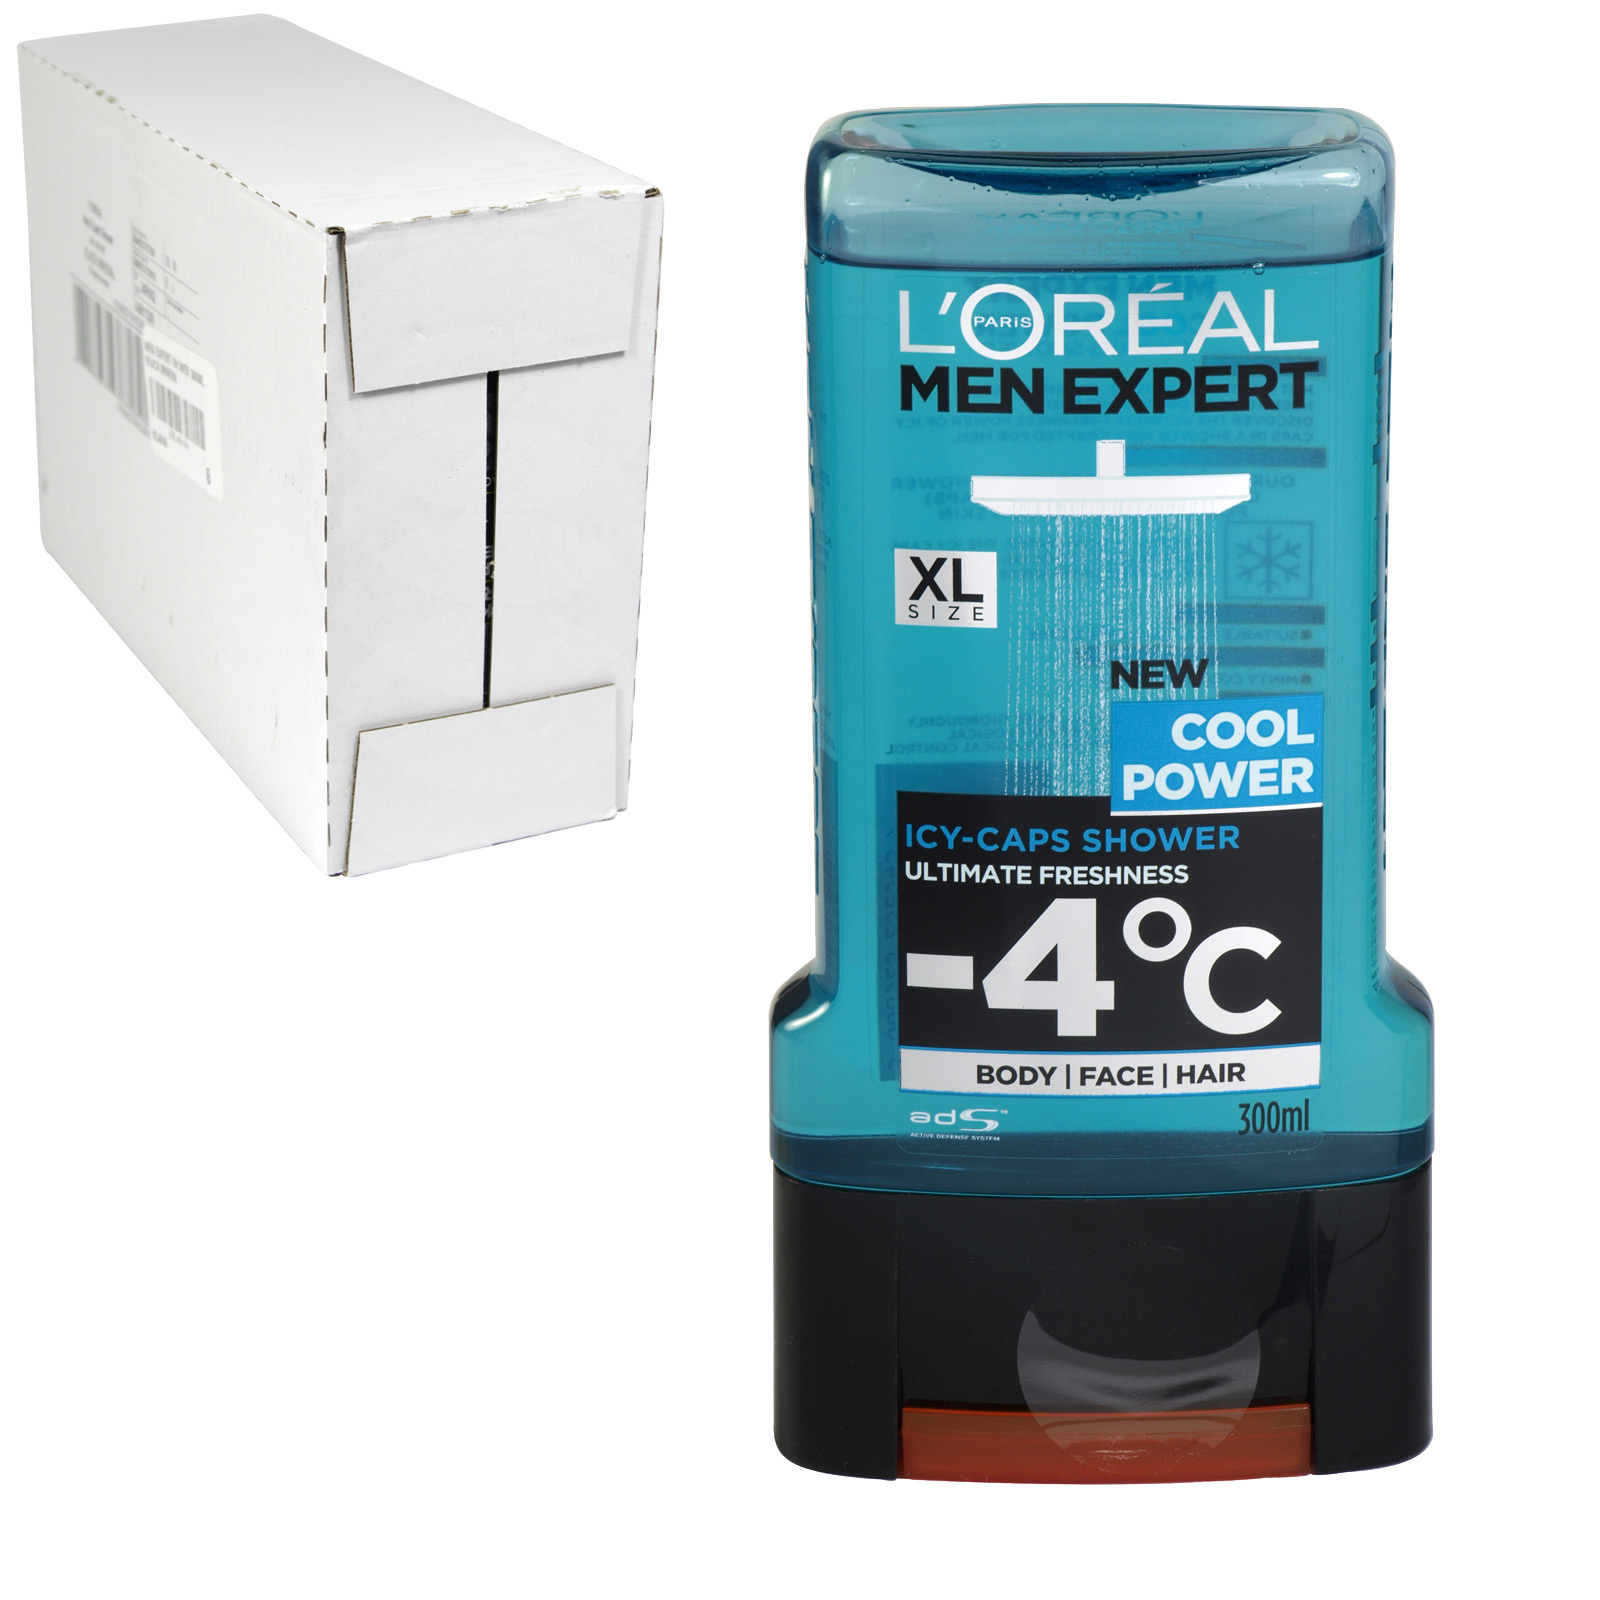 LOREAL MEN EXPERT SHOWER 300ML COOL POWER X6